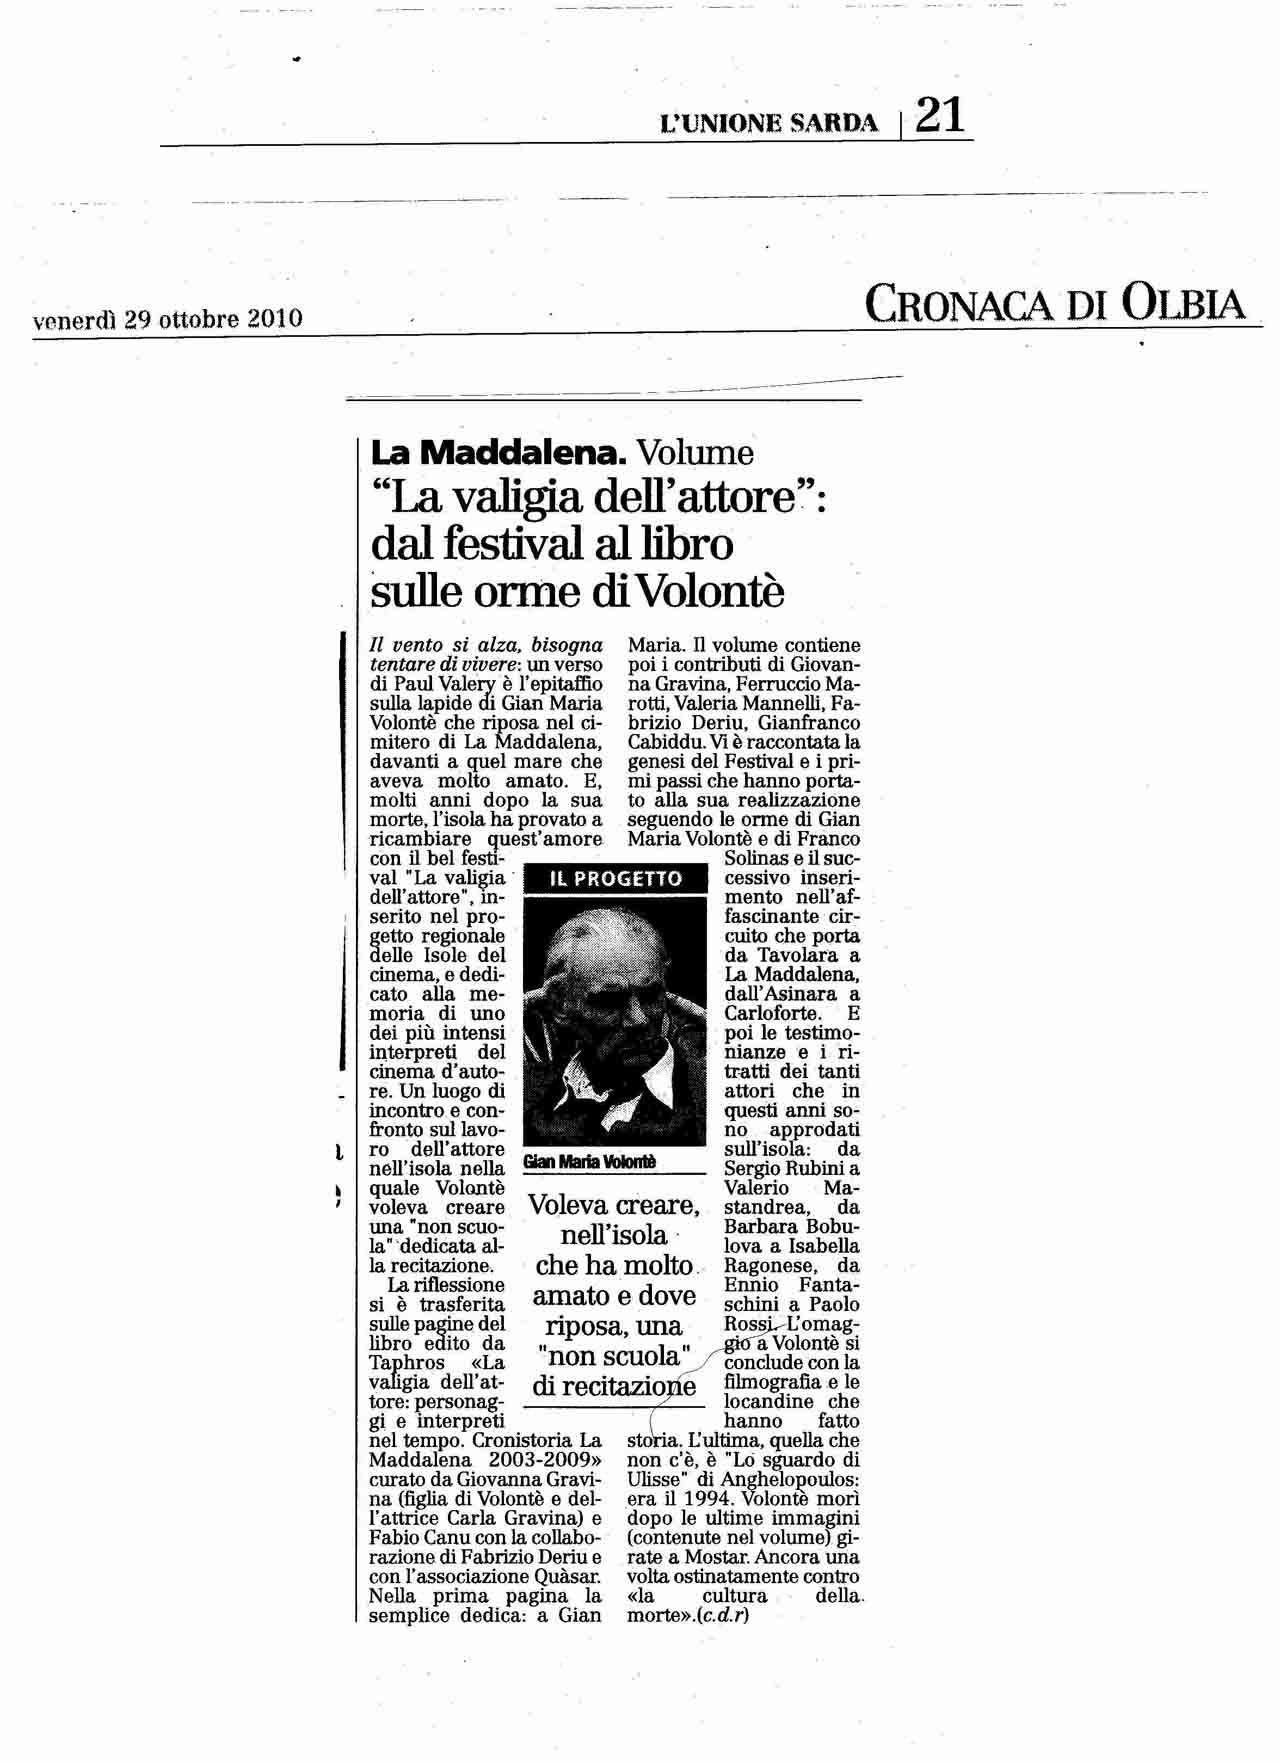 29-10-10L'Unione sarda (Catalogo)